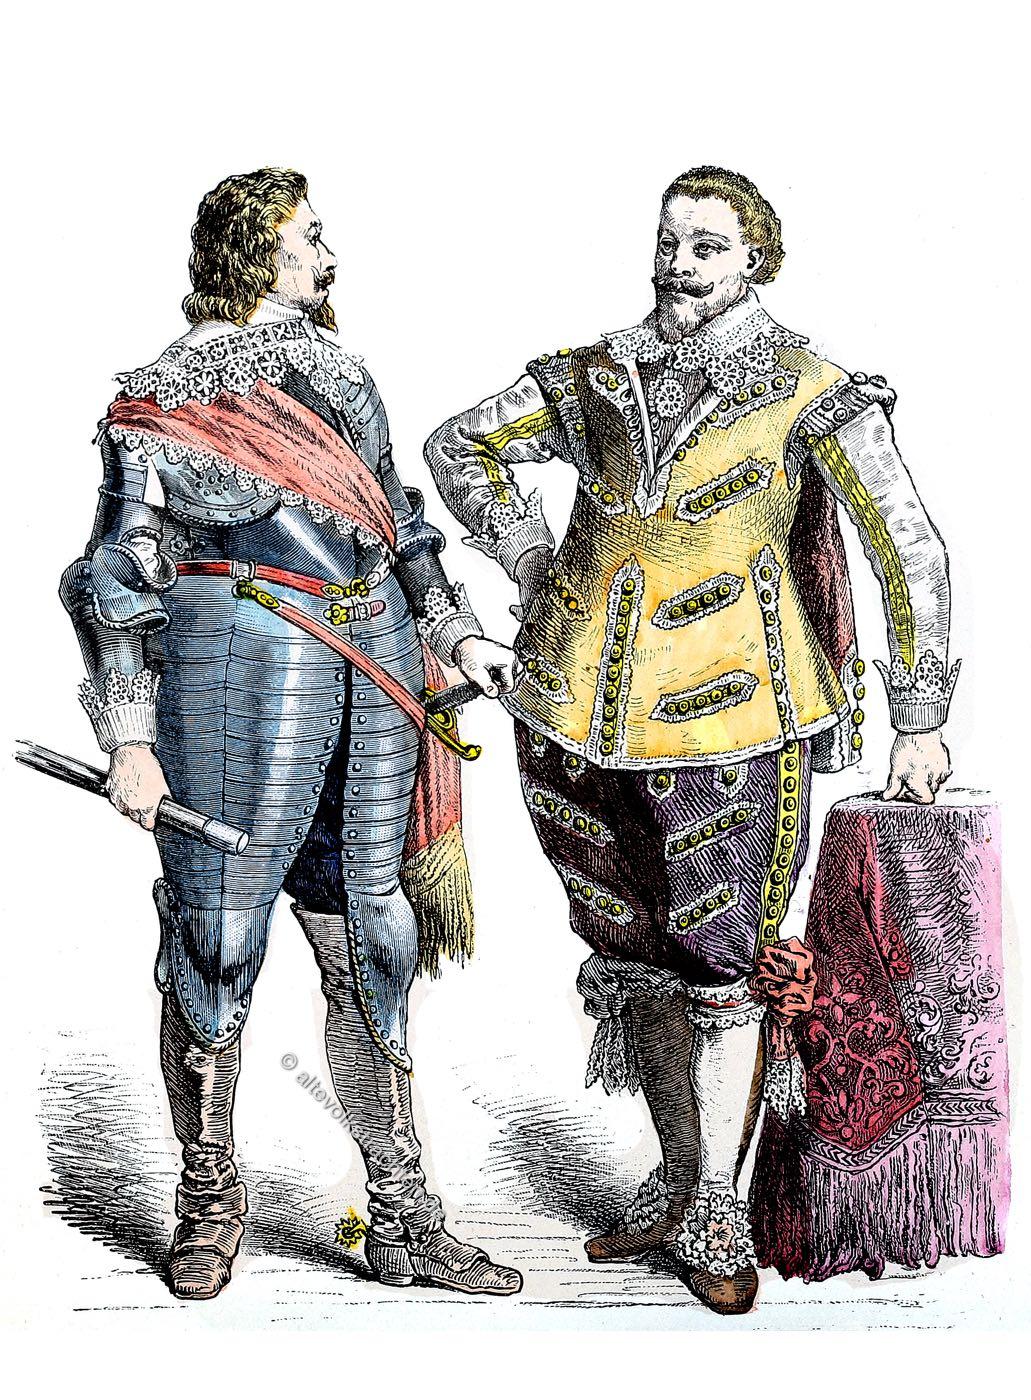 Kostüme, Barock, Fürsten, Deutschland, 17. Jahrhundert, dreissigjähriger Krieg,